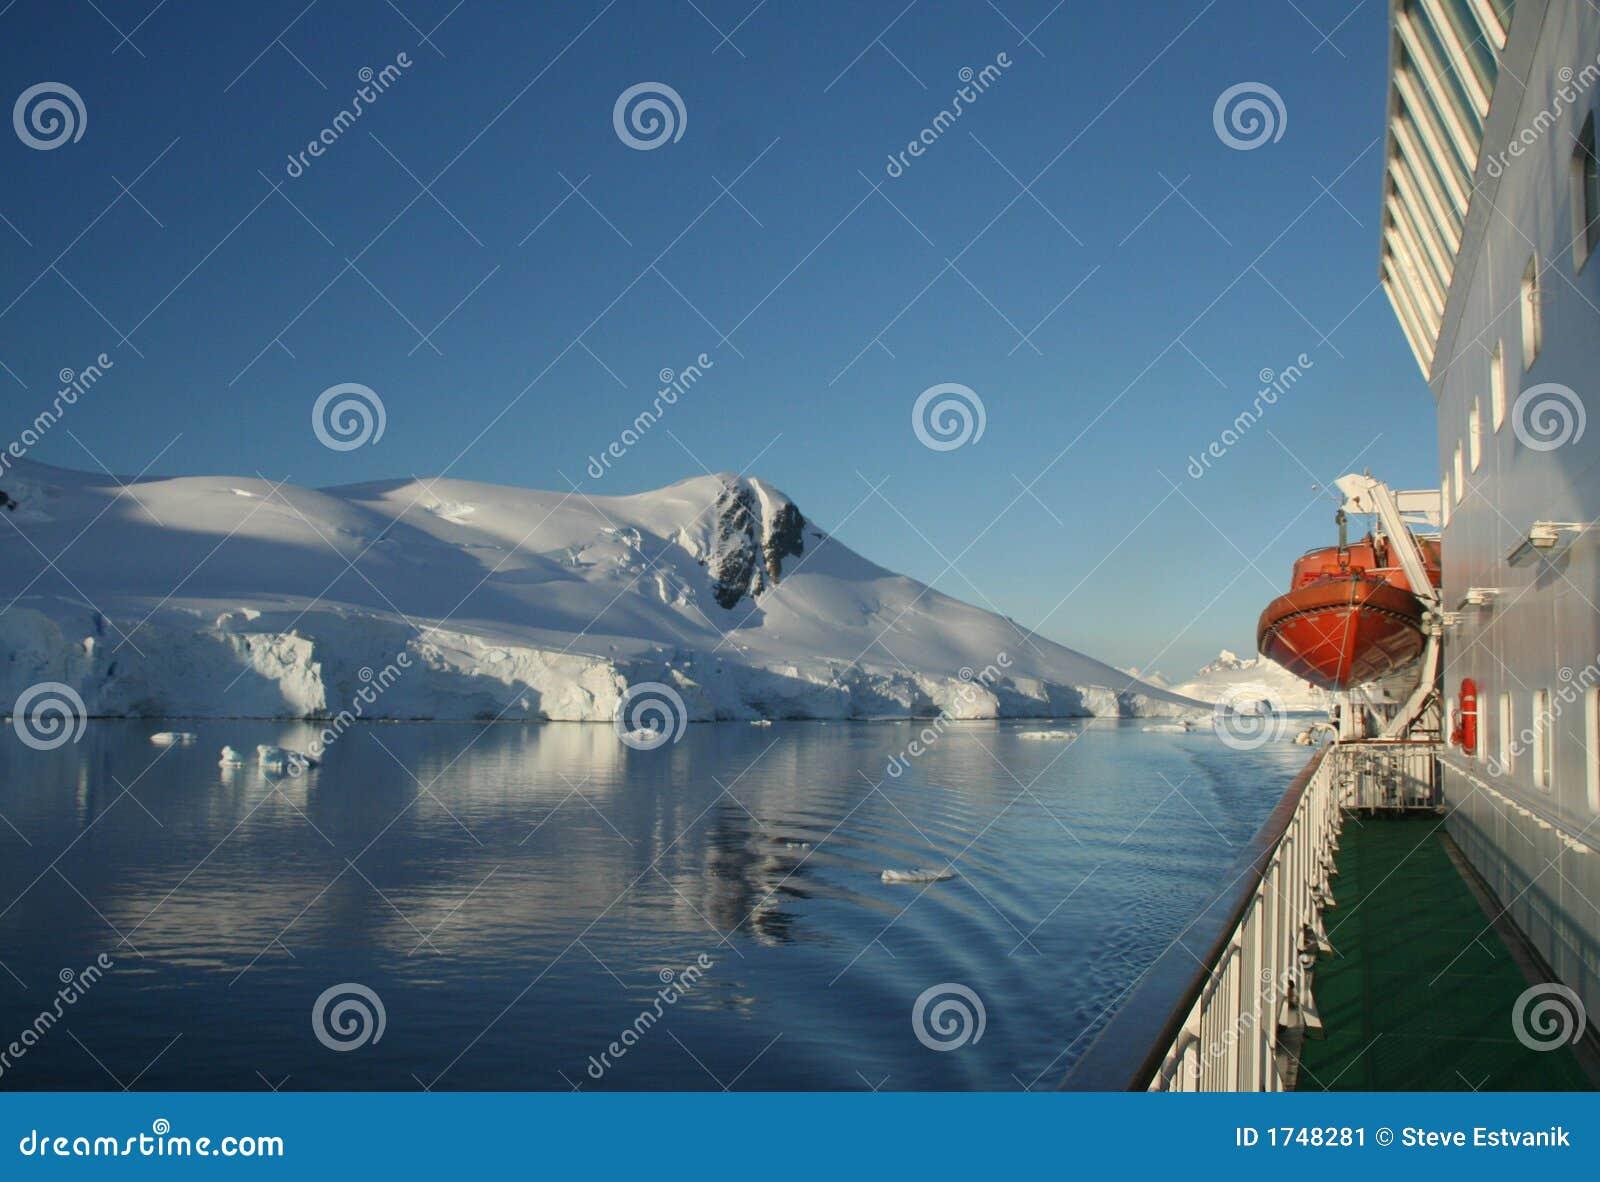 Cicho na rejs łodzią ratunkową dowiedzieć gór ocean odzwierciedla statku